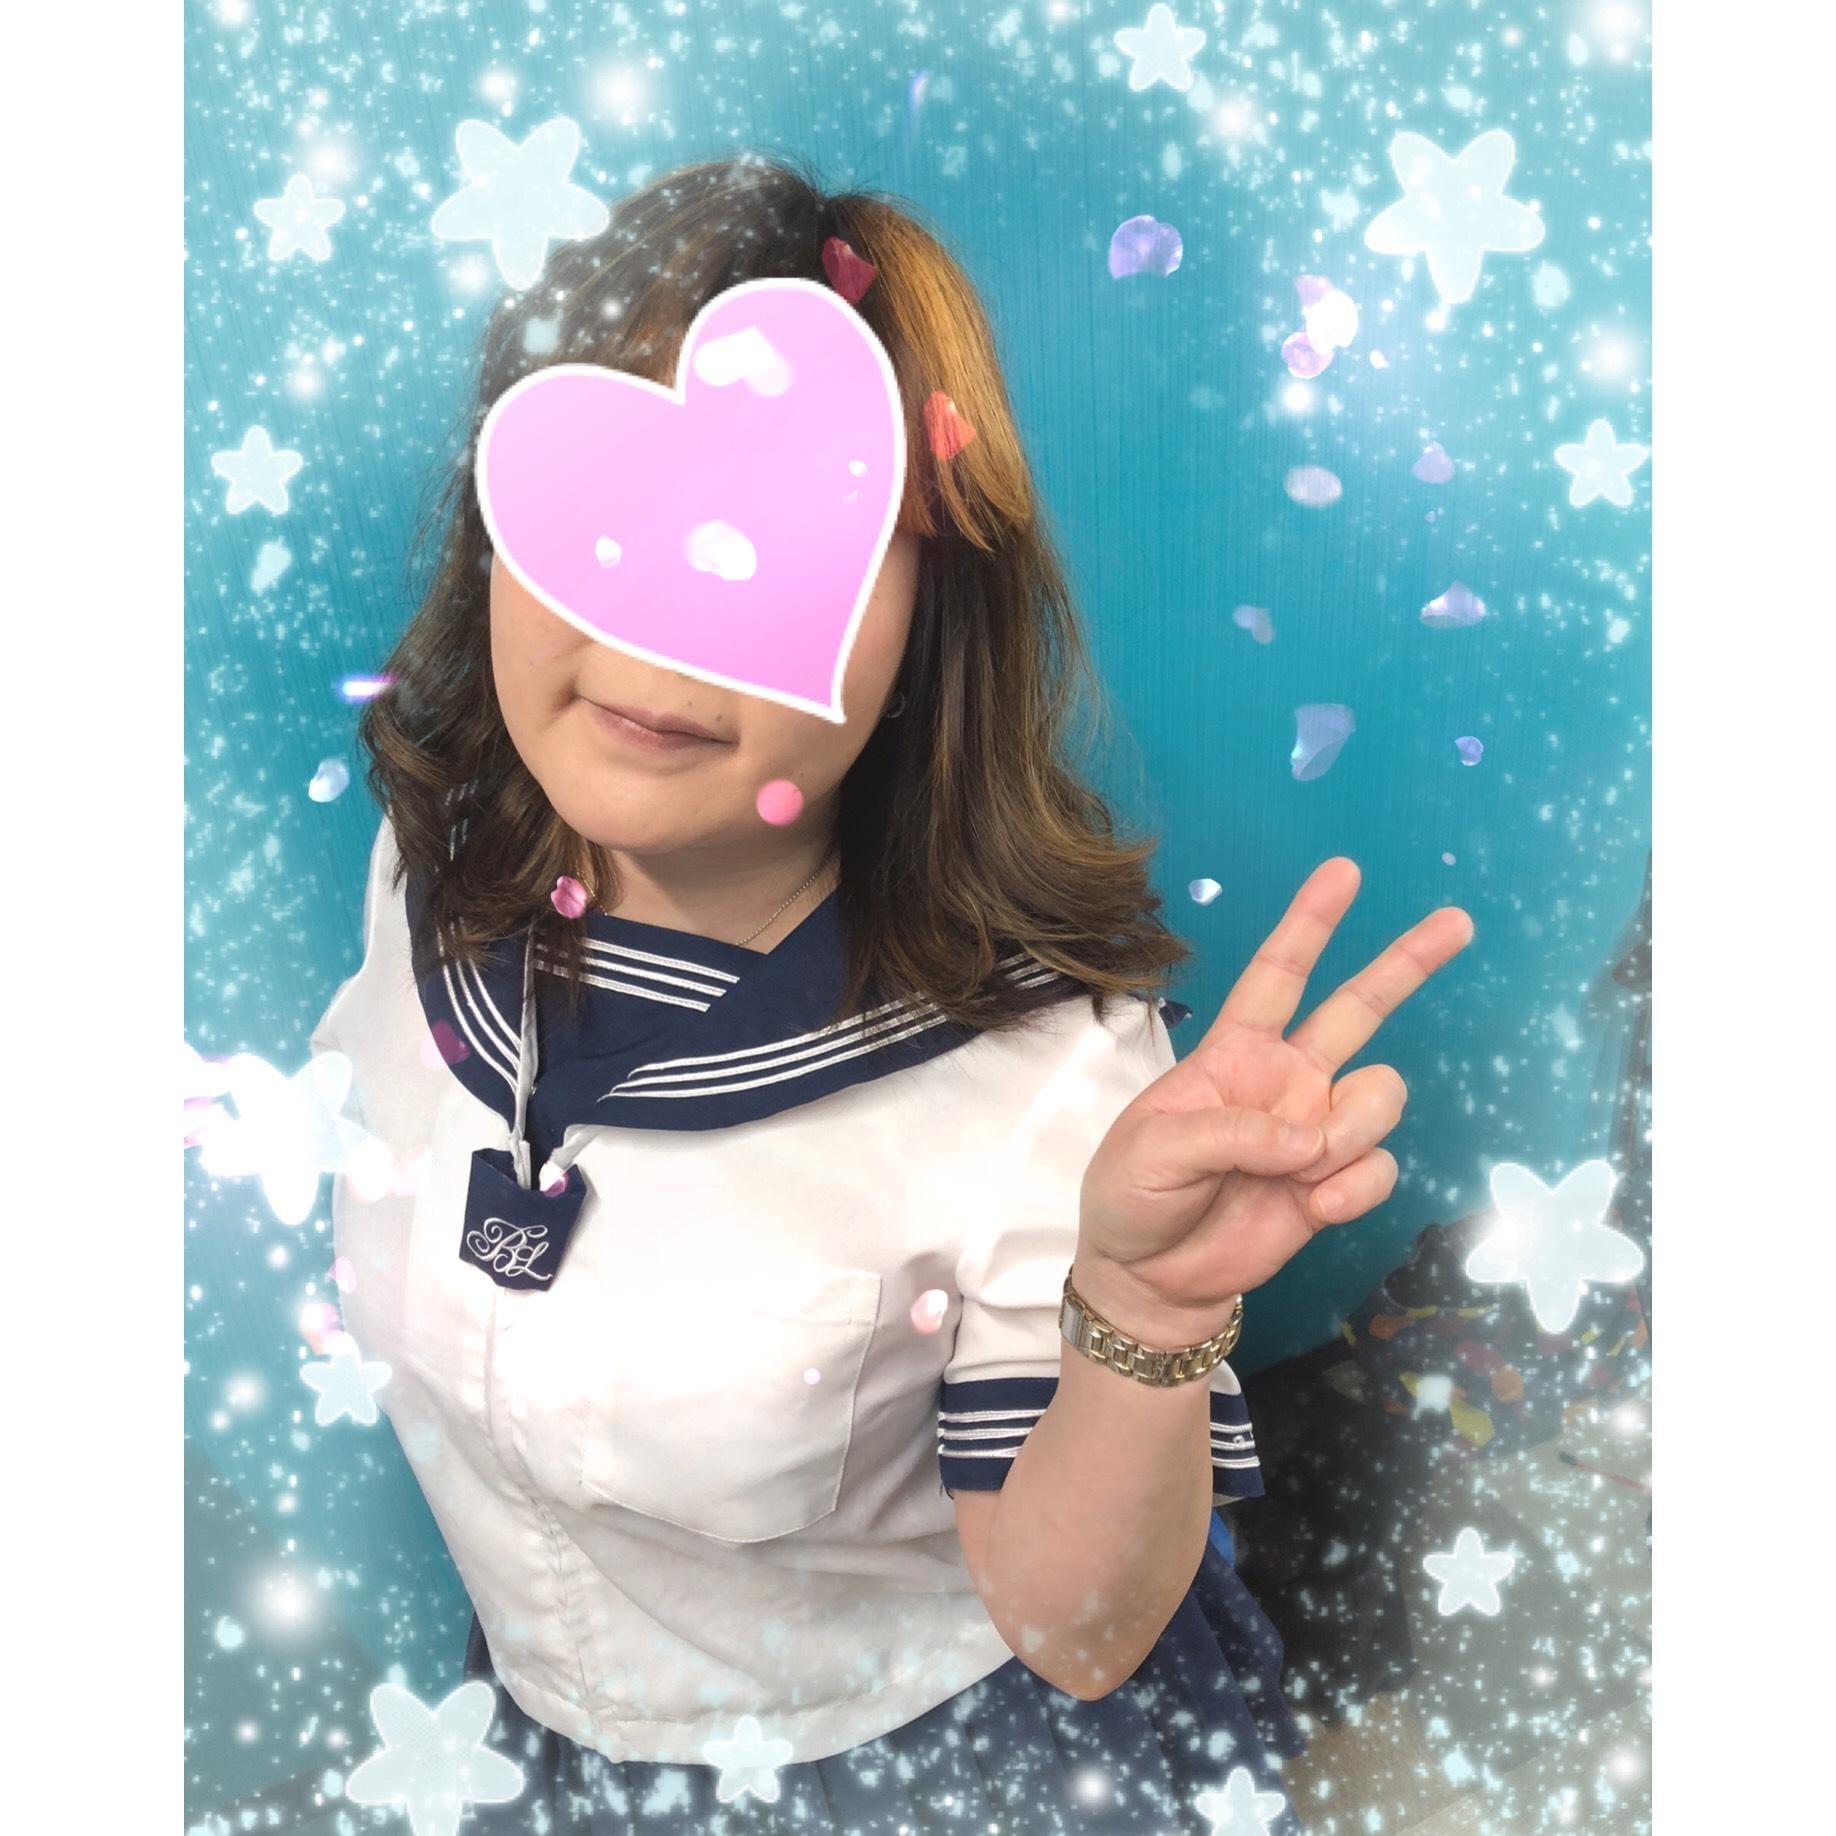 のかぜ「昔むかし...」11/12(月) 18:45 | のかぜの写メ・風俗動画